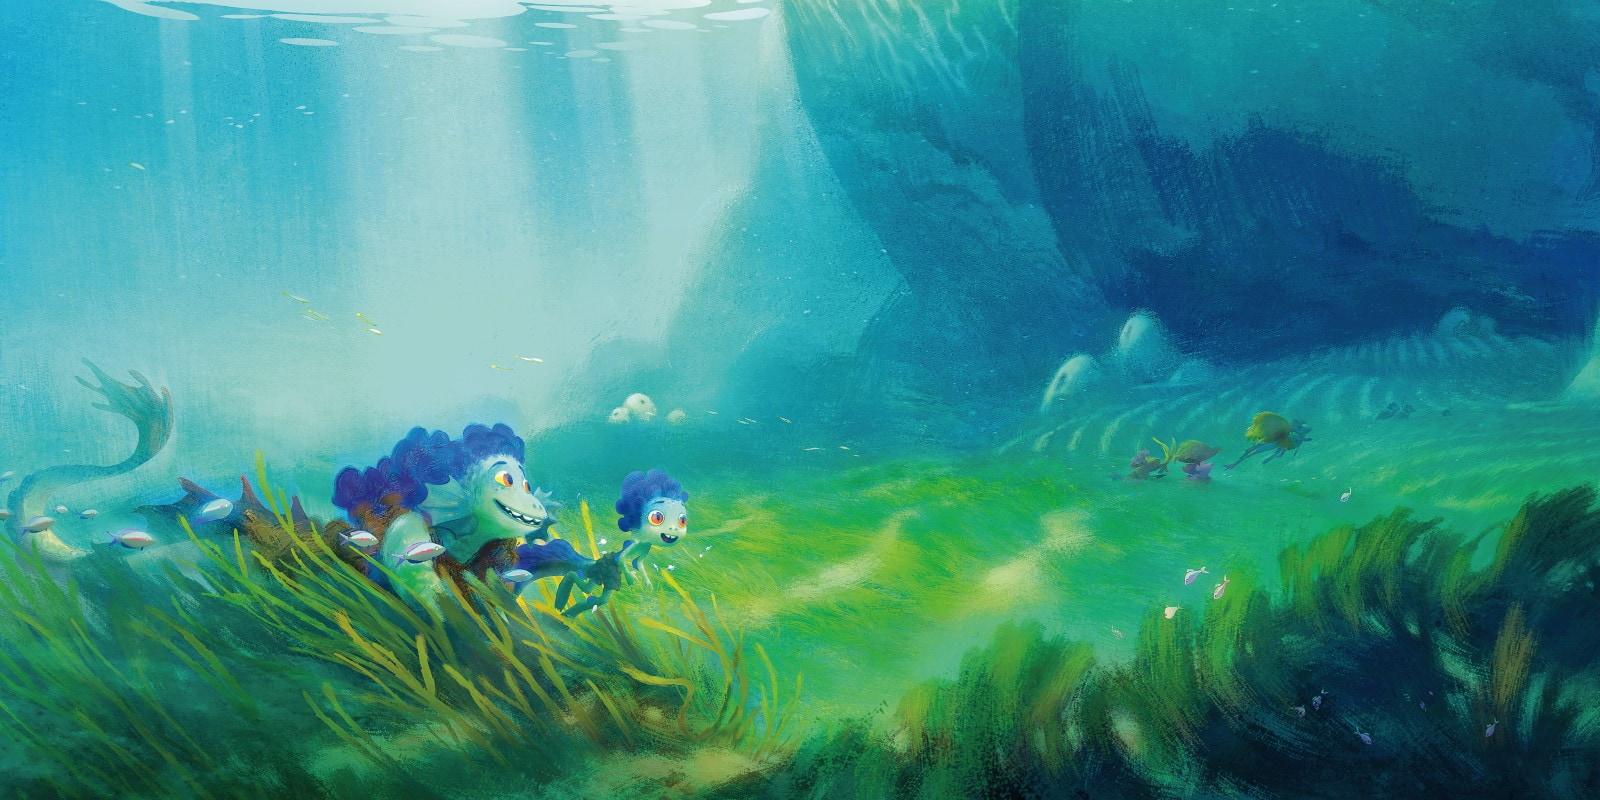 luca murk water luca pixar movie